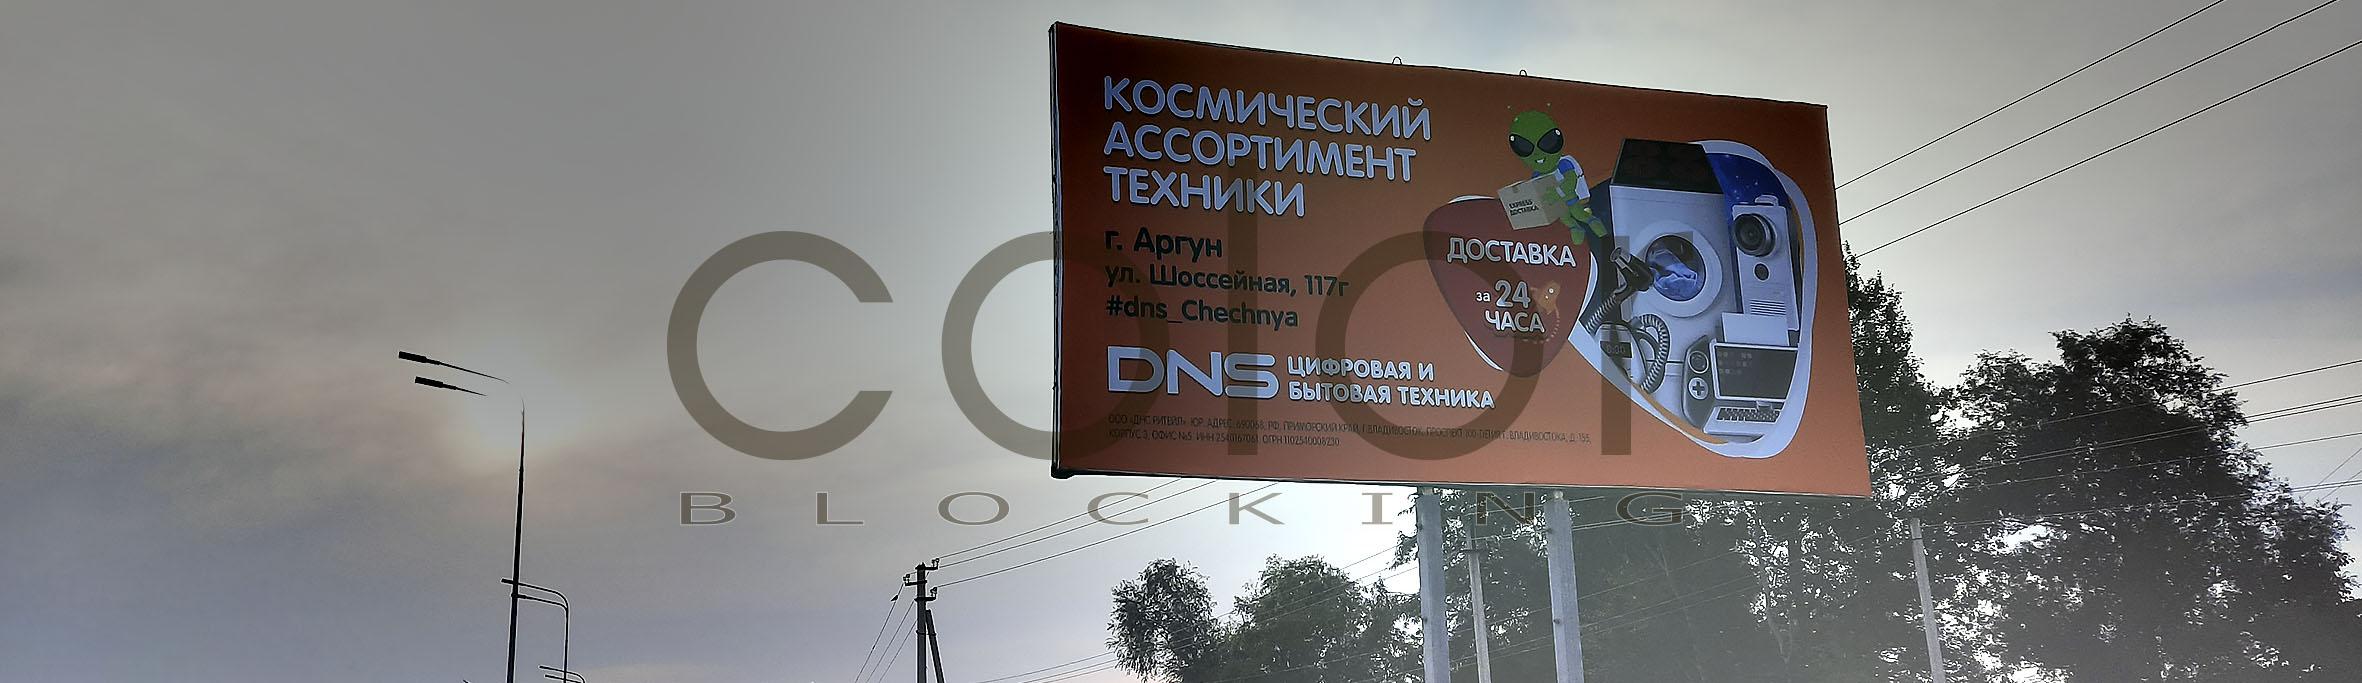 Реклама в Аргуне на билбордах собственник